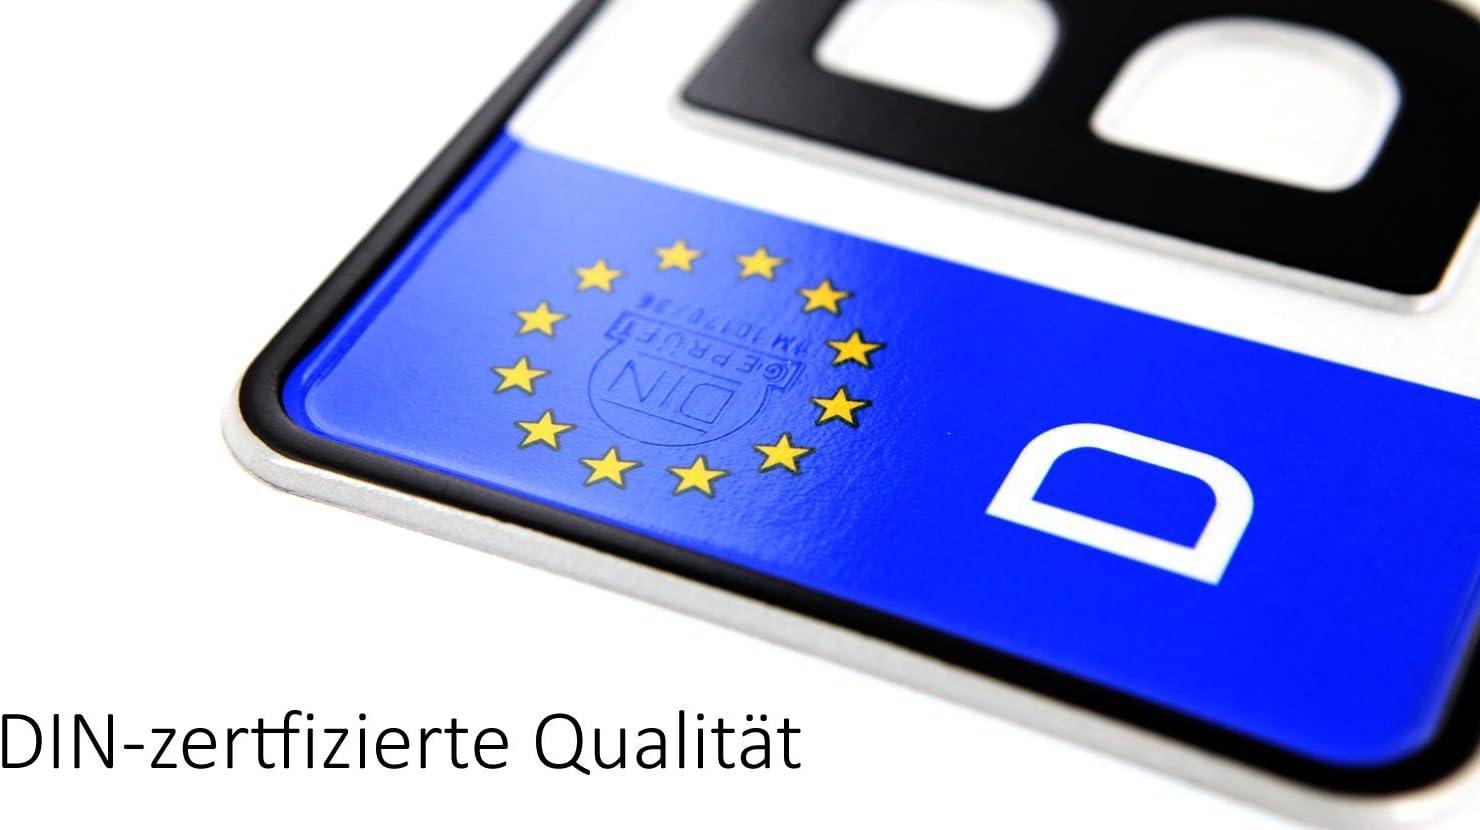 Lot de 2/plaques dimmatriculation certifi/ées DIN en taille standard 520/x 110/mm avec disque de stationnement compatibles avec tous les v/éhicules allemands